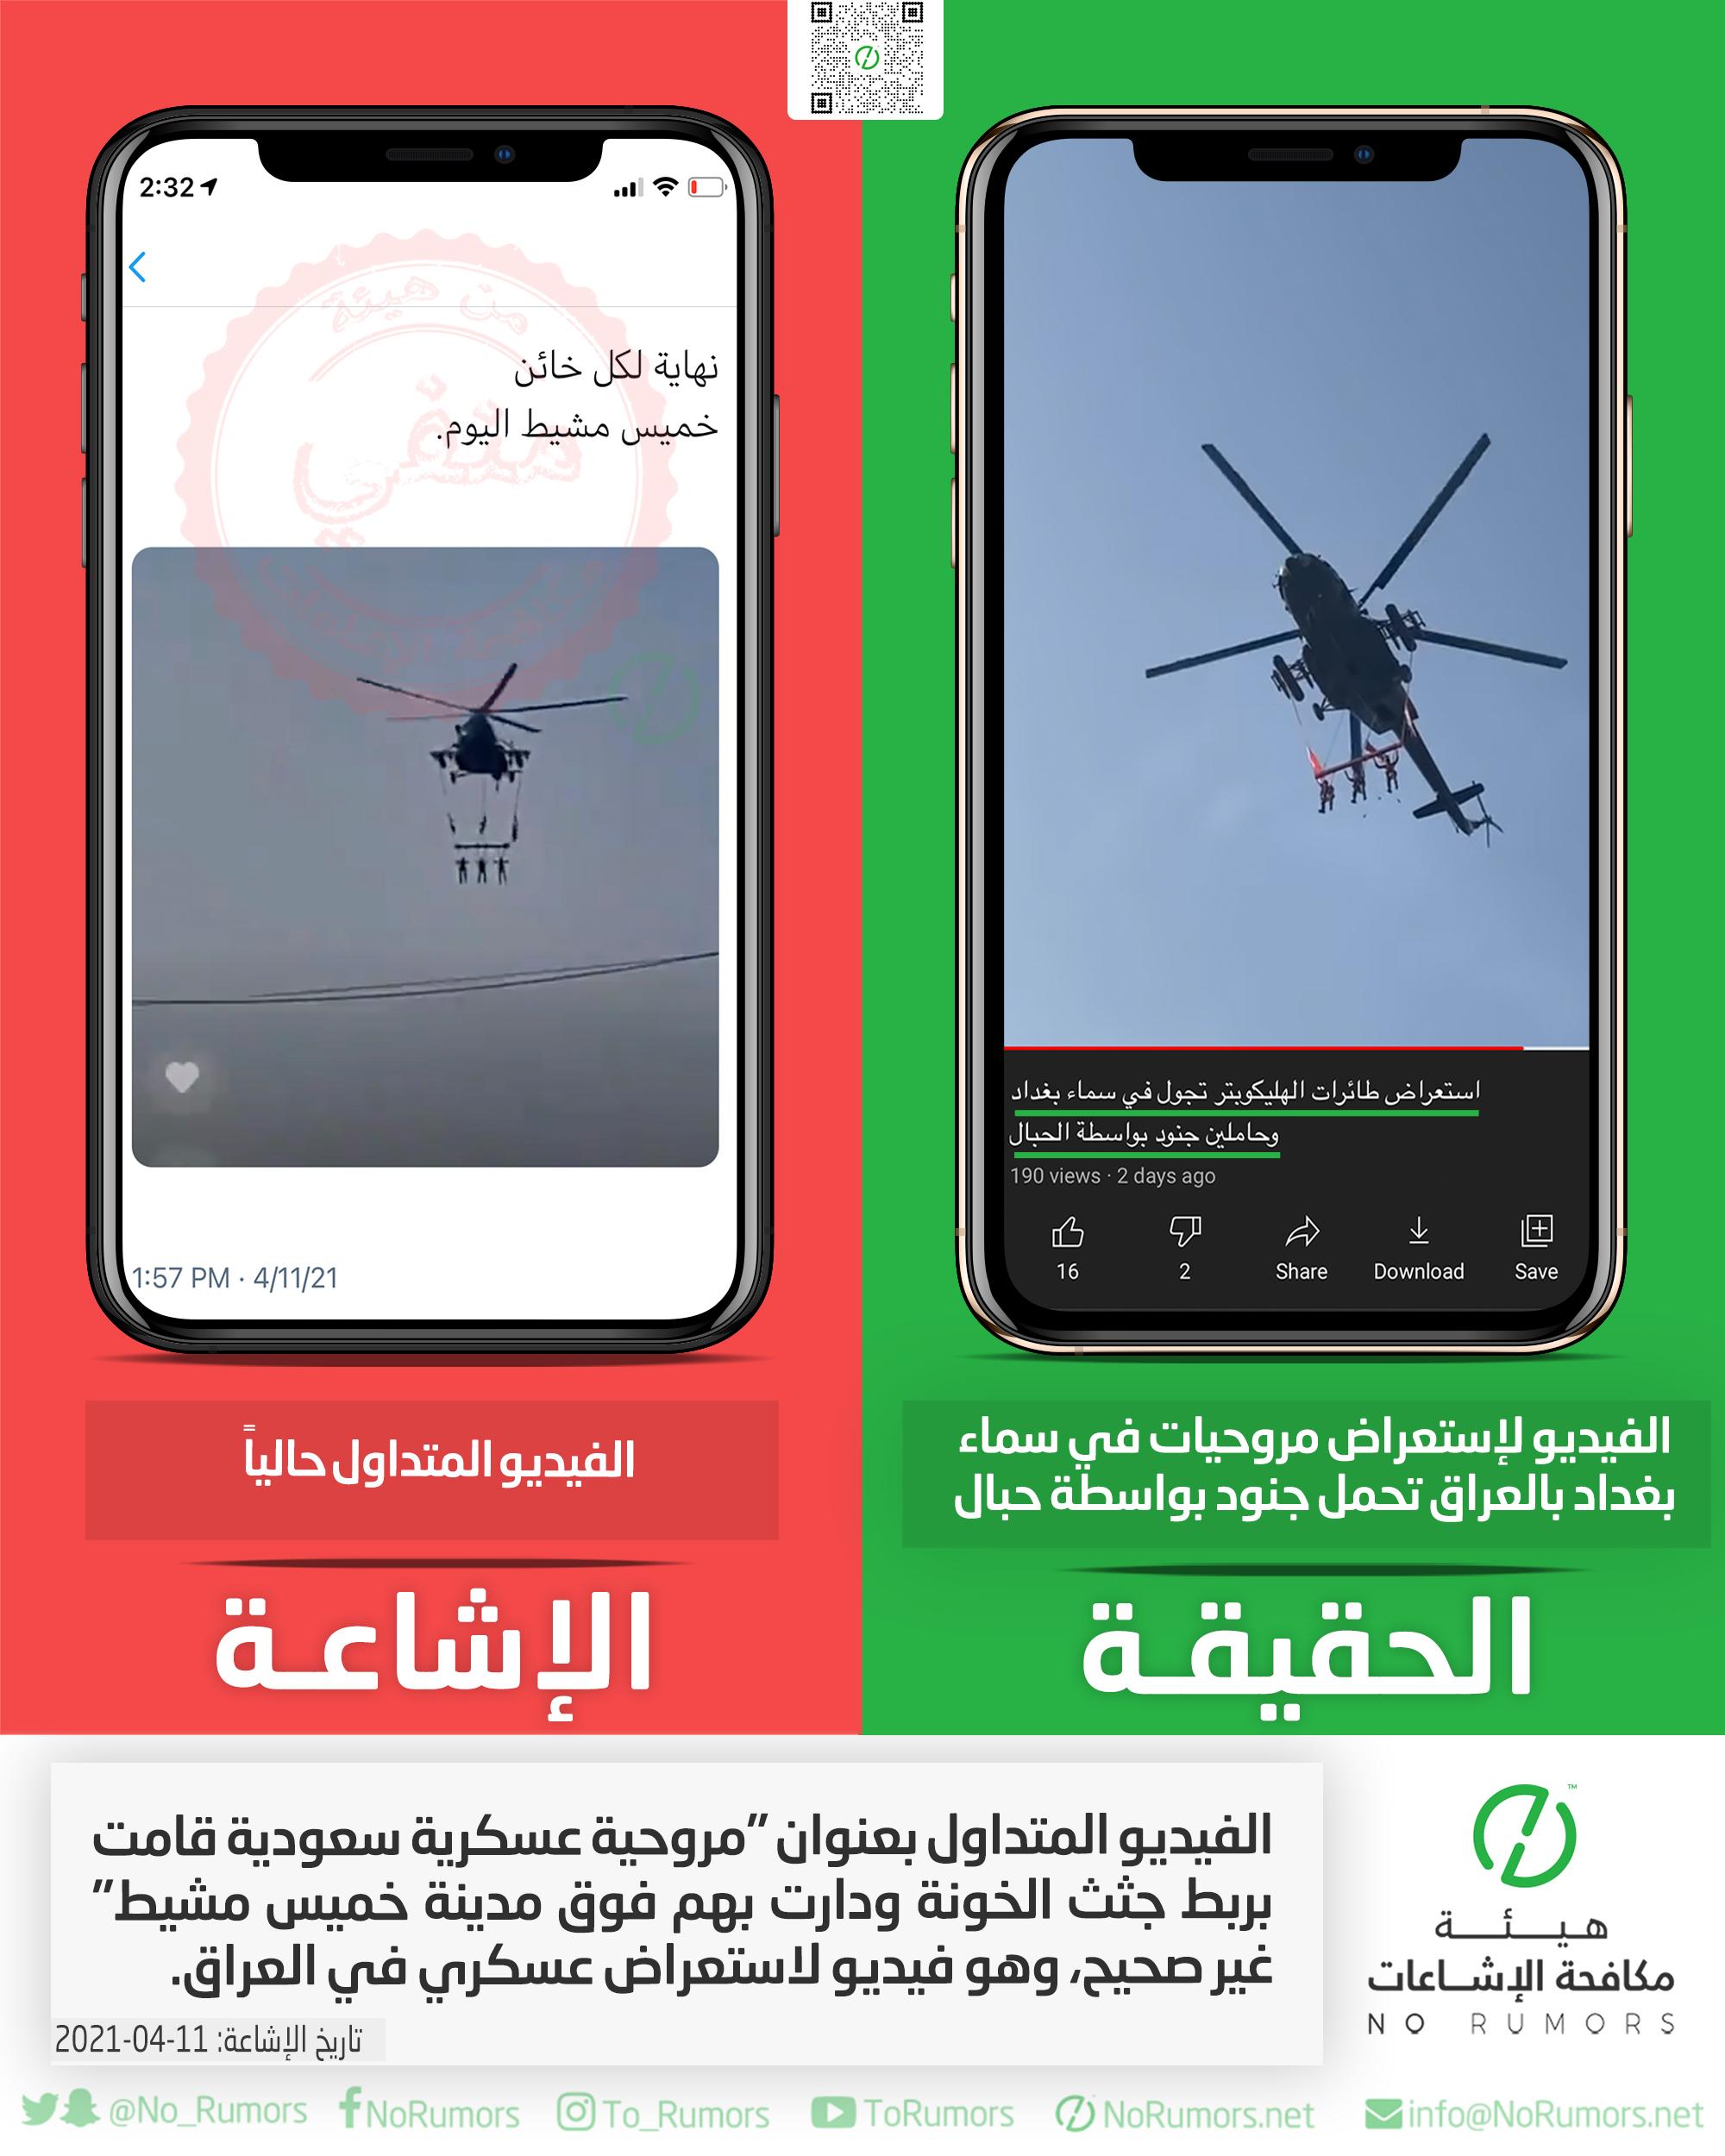 """حقيقة الفيديو المتداول بعنوان """"مروحية عسكرية سعودية قامت بربط جثث الخونة ودارت بهم فوق مدينة خميس مشيط"""""""